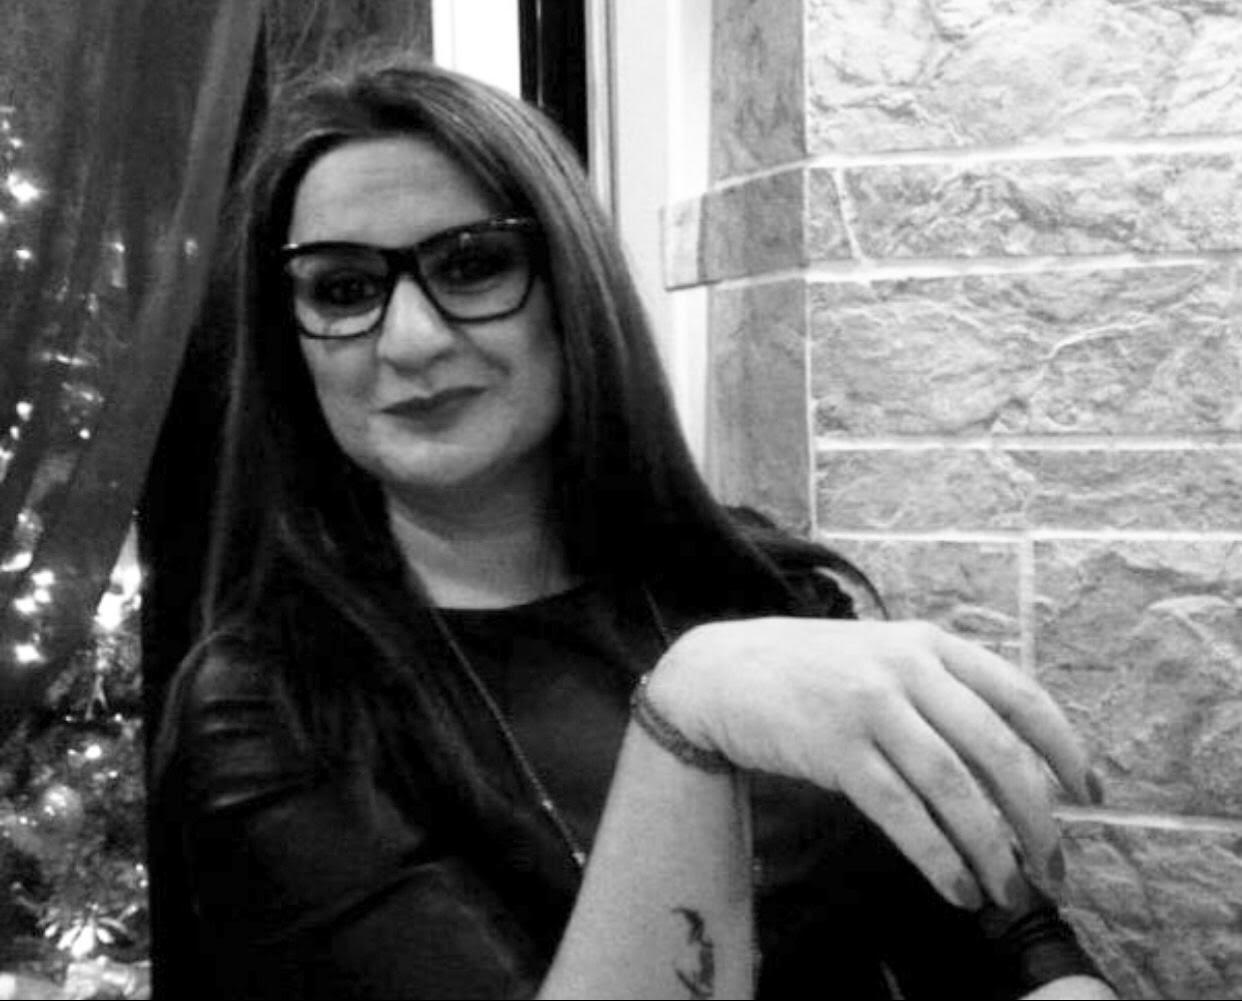 Ισμήνη Λέντζου: Ο υποχρεωτικός εμβολιασμός και η συρρίκνωση της ελευθερίας… ένα τσιγάρο δρόμος